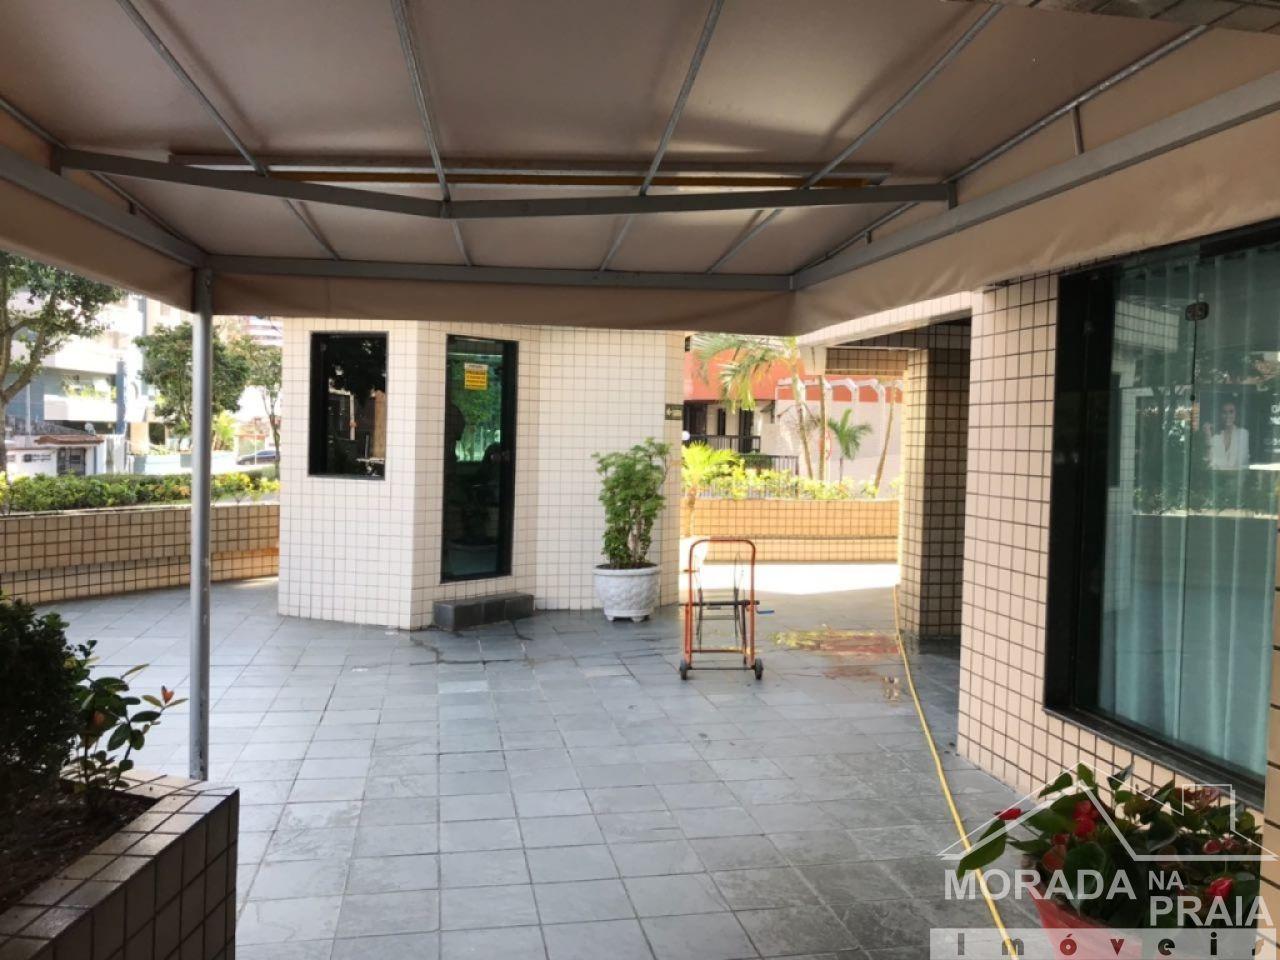 Guarita 24 horas do apartamento com 2 dormitórios em CANTO DO FORTE - PRAIA GRANDE